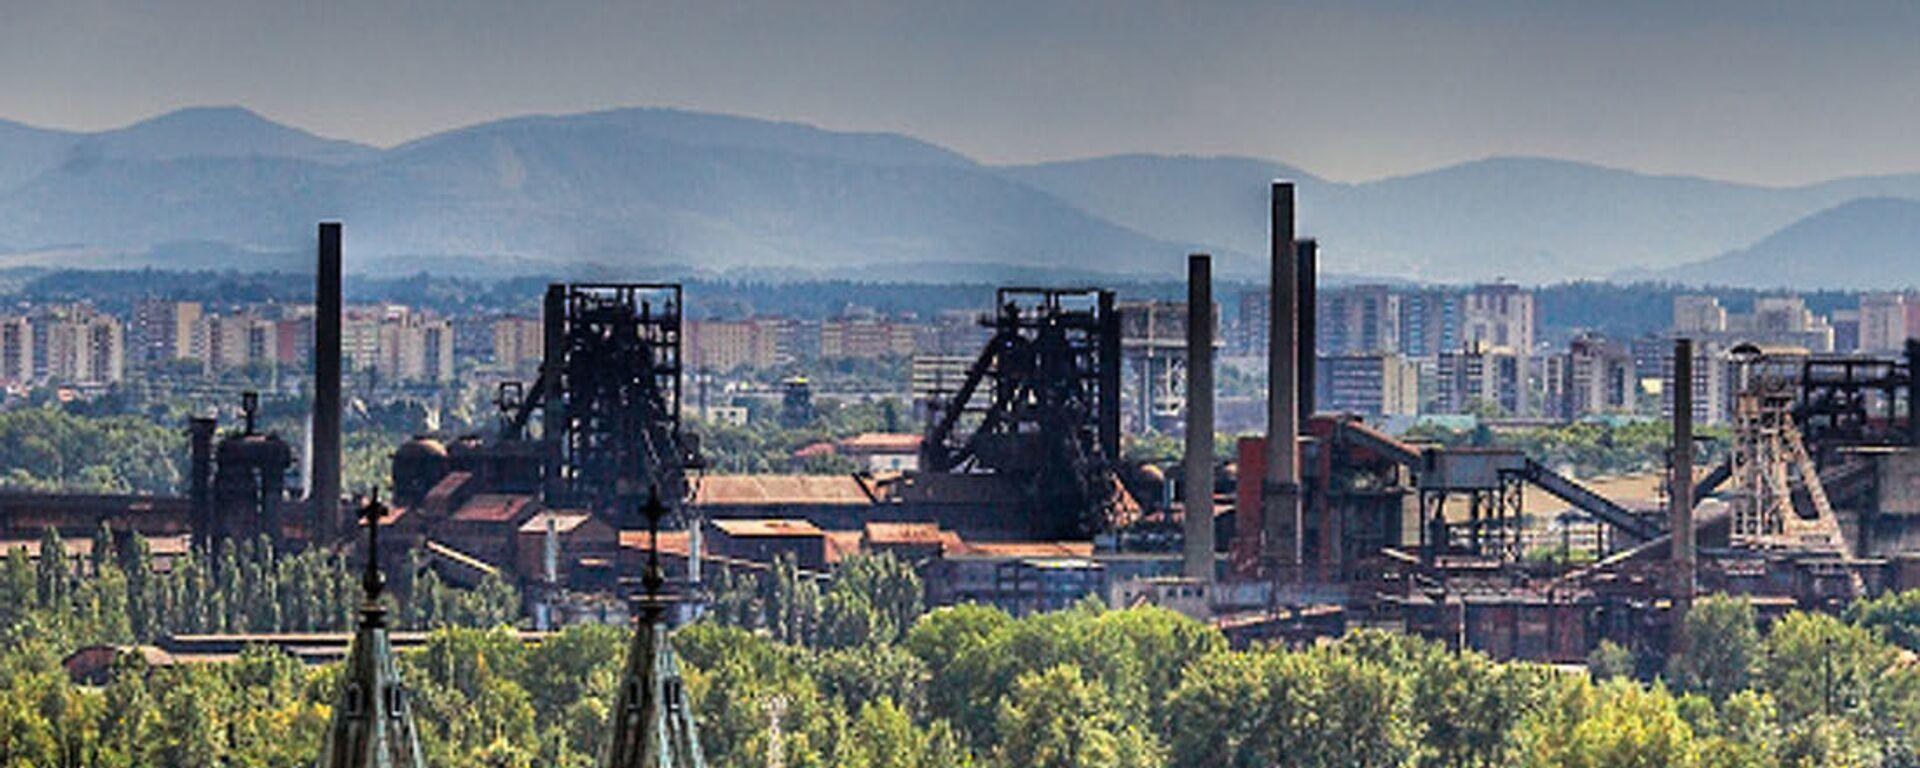 Ostrava - Sputnik Česká republika, 1920, 26.06.2021